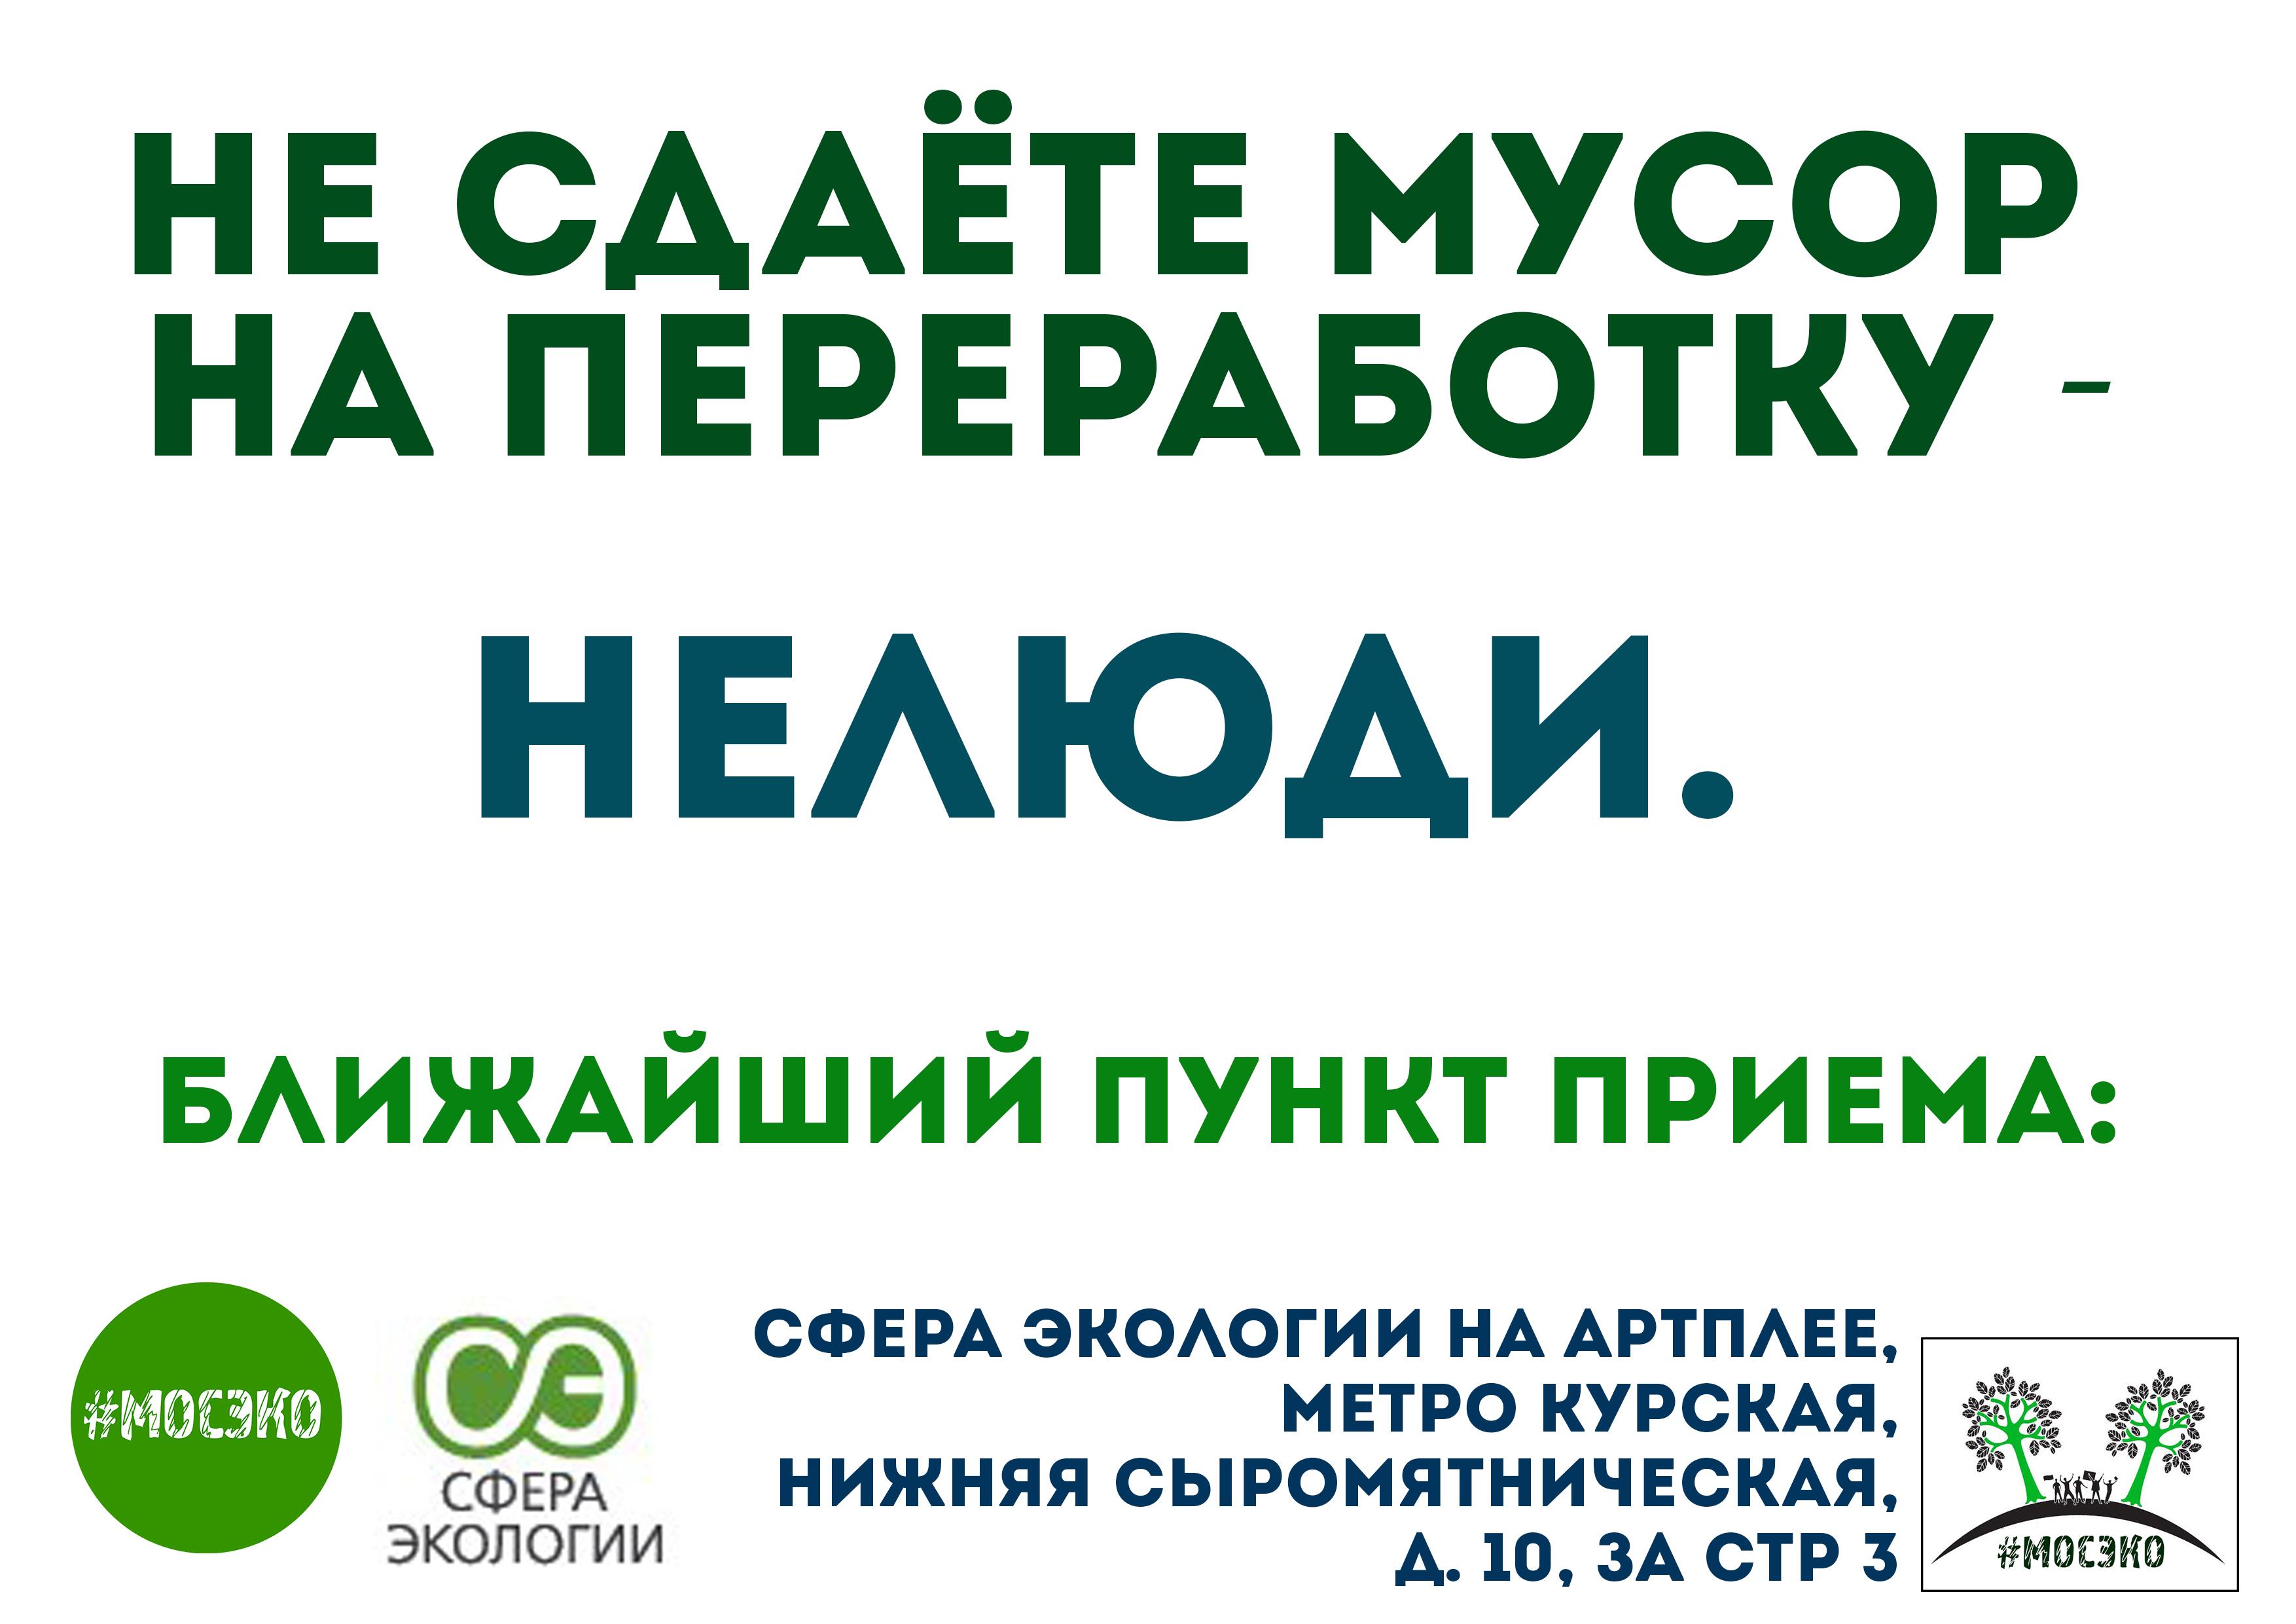 Slogans5_full_se